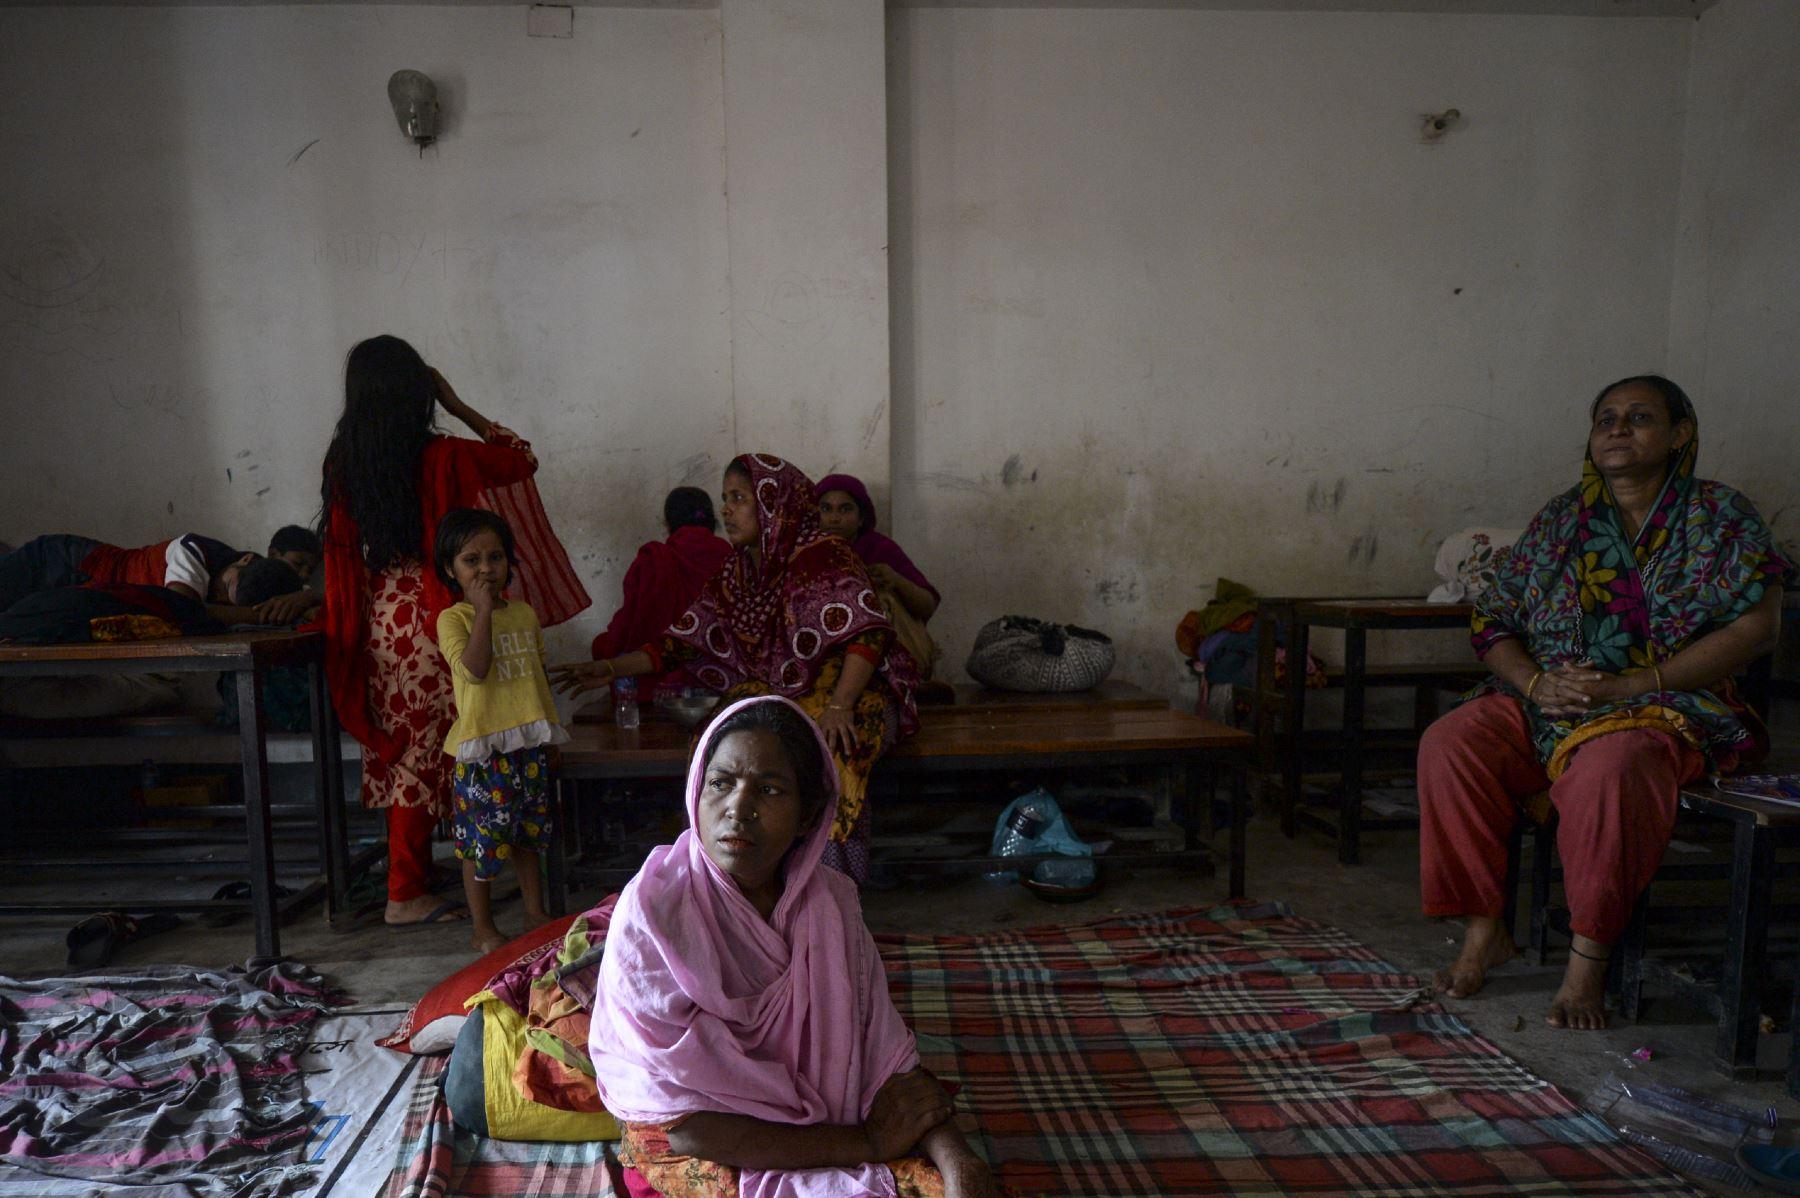 Los residentes de los barrios marginales descansan en una escuela como refugio temporal en Dhaka, después de que un incendio estalló  en un barrio marginal del barrio de Mirpur.  Foto. AFP